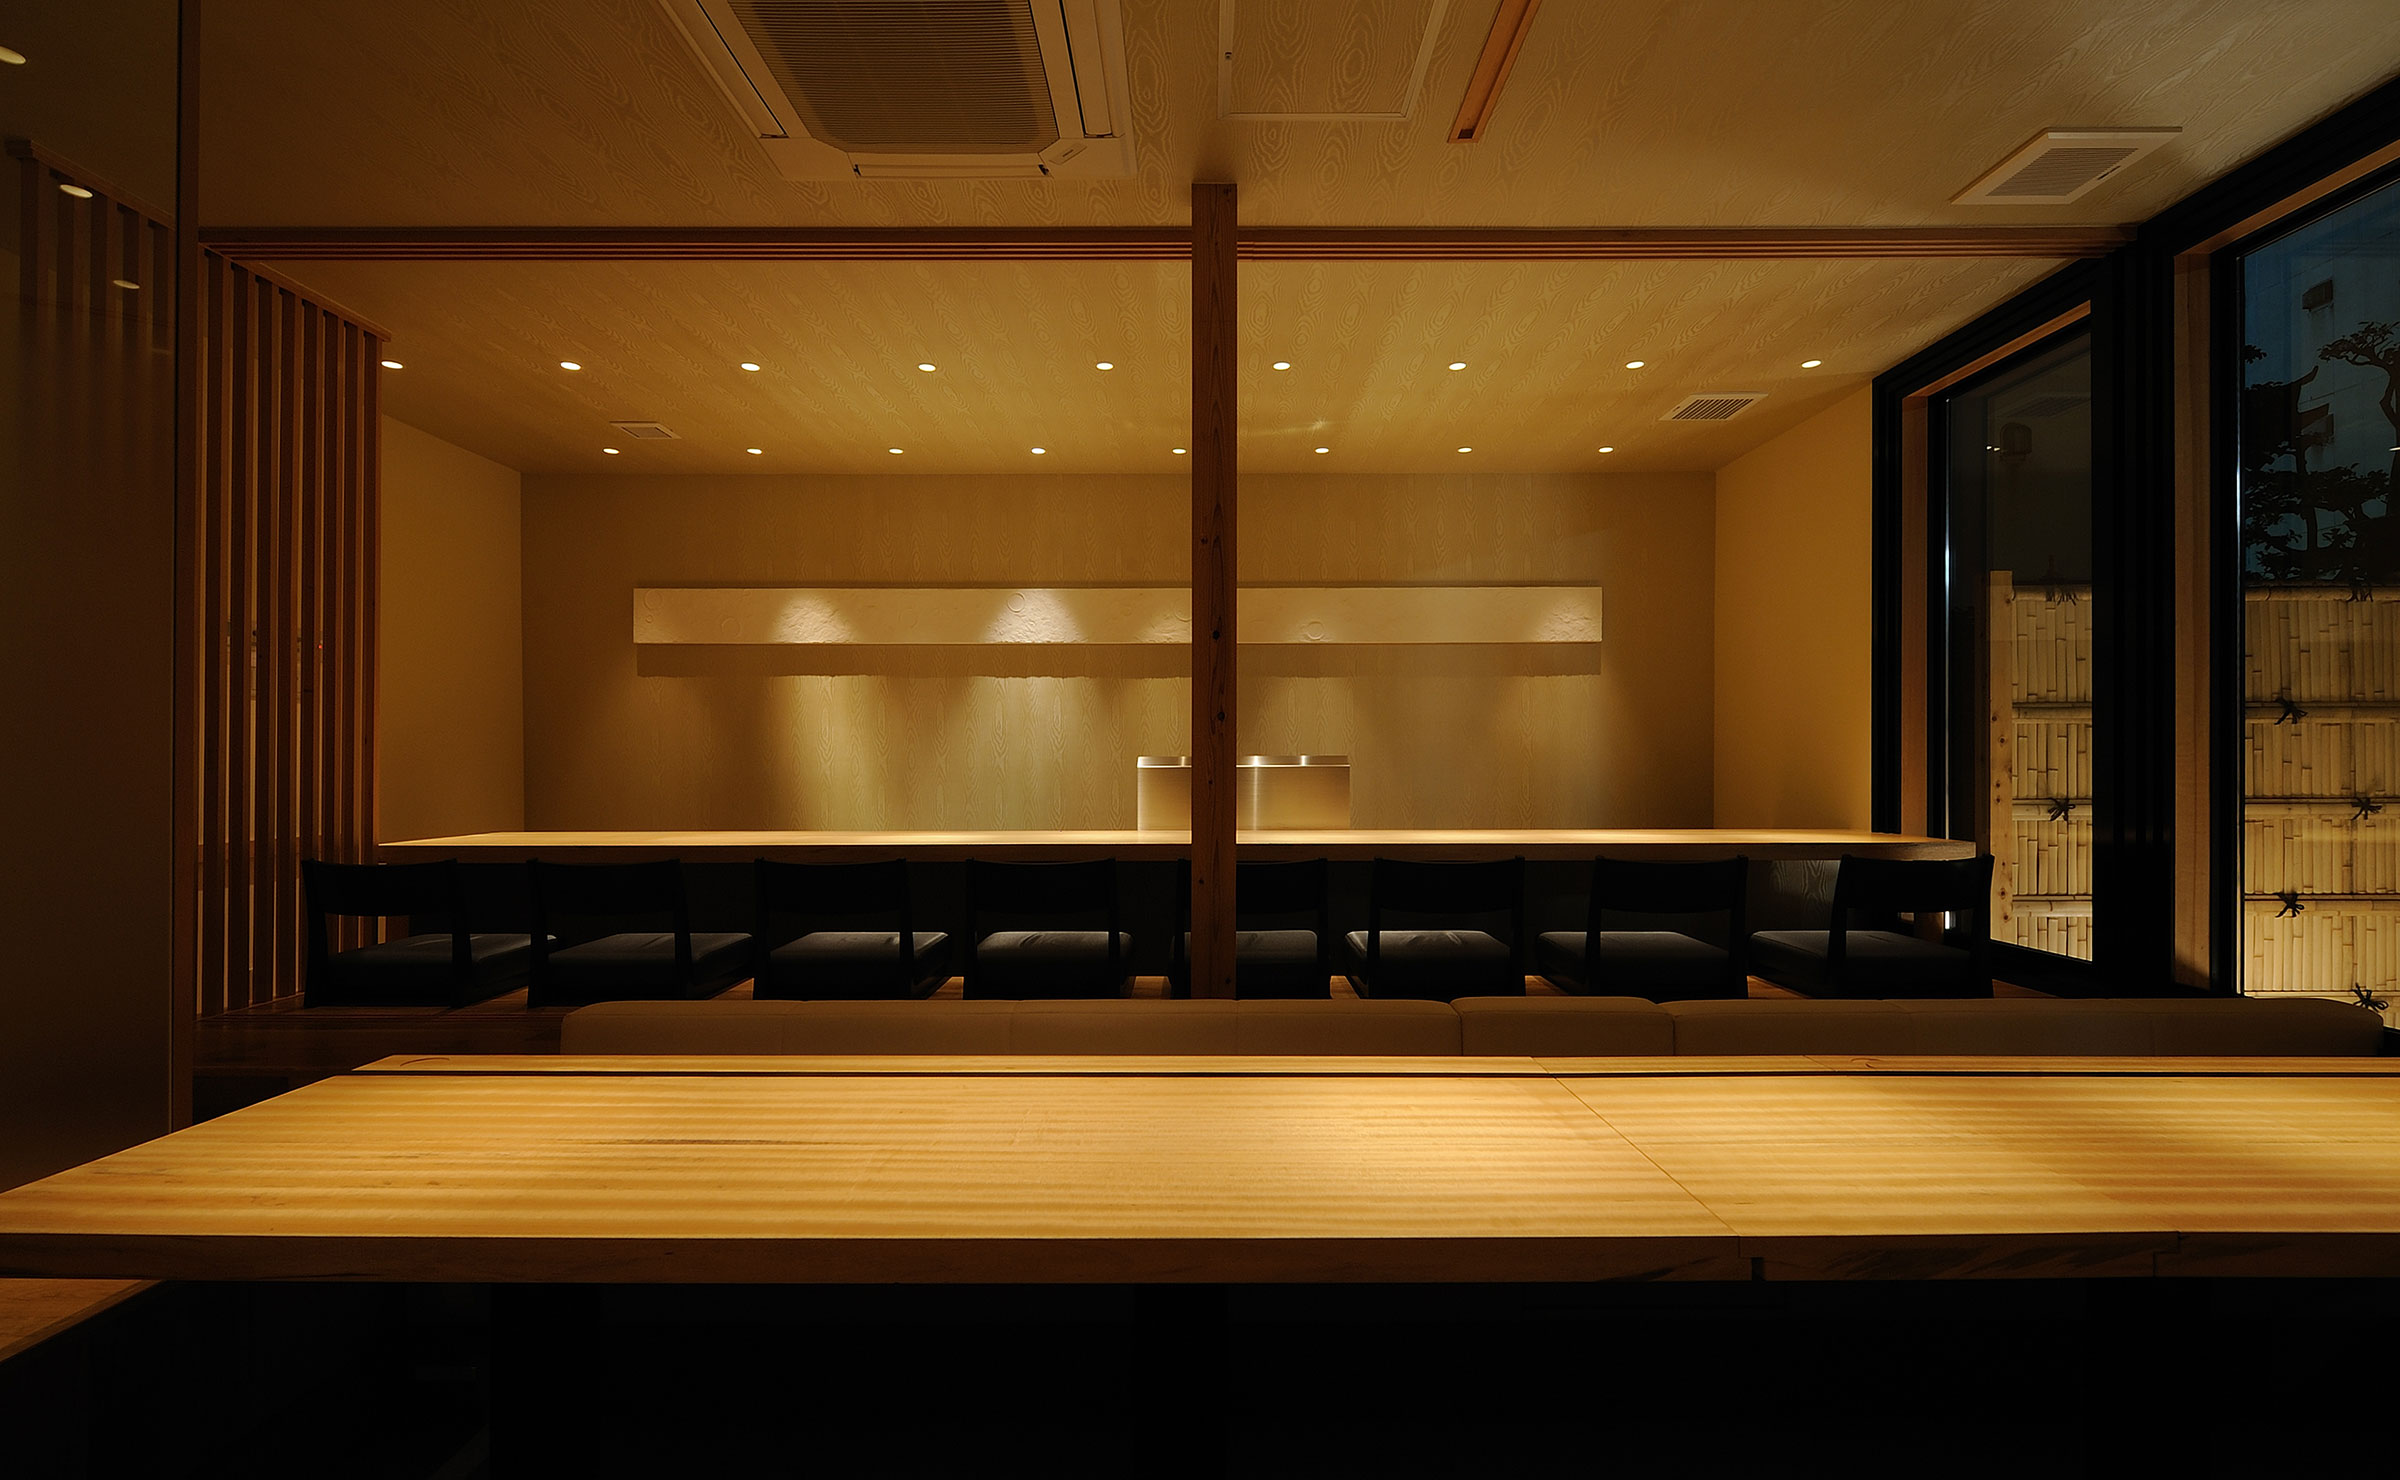 高級寿司店のカウンター席デザイン